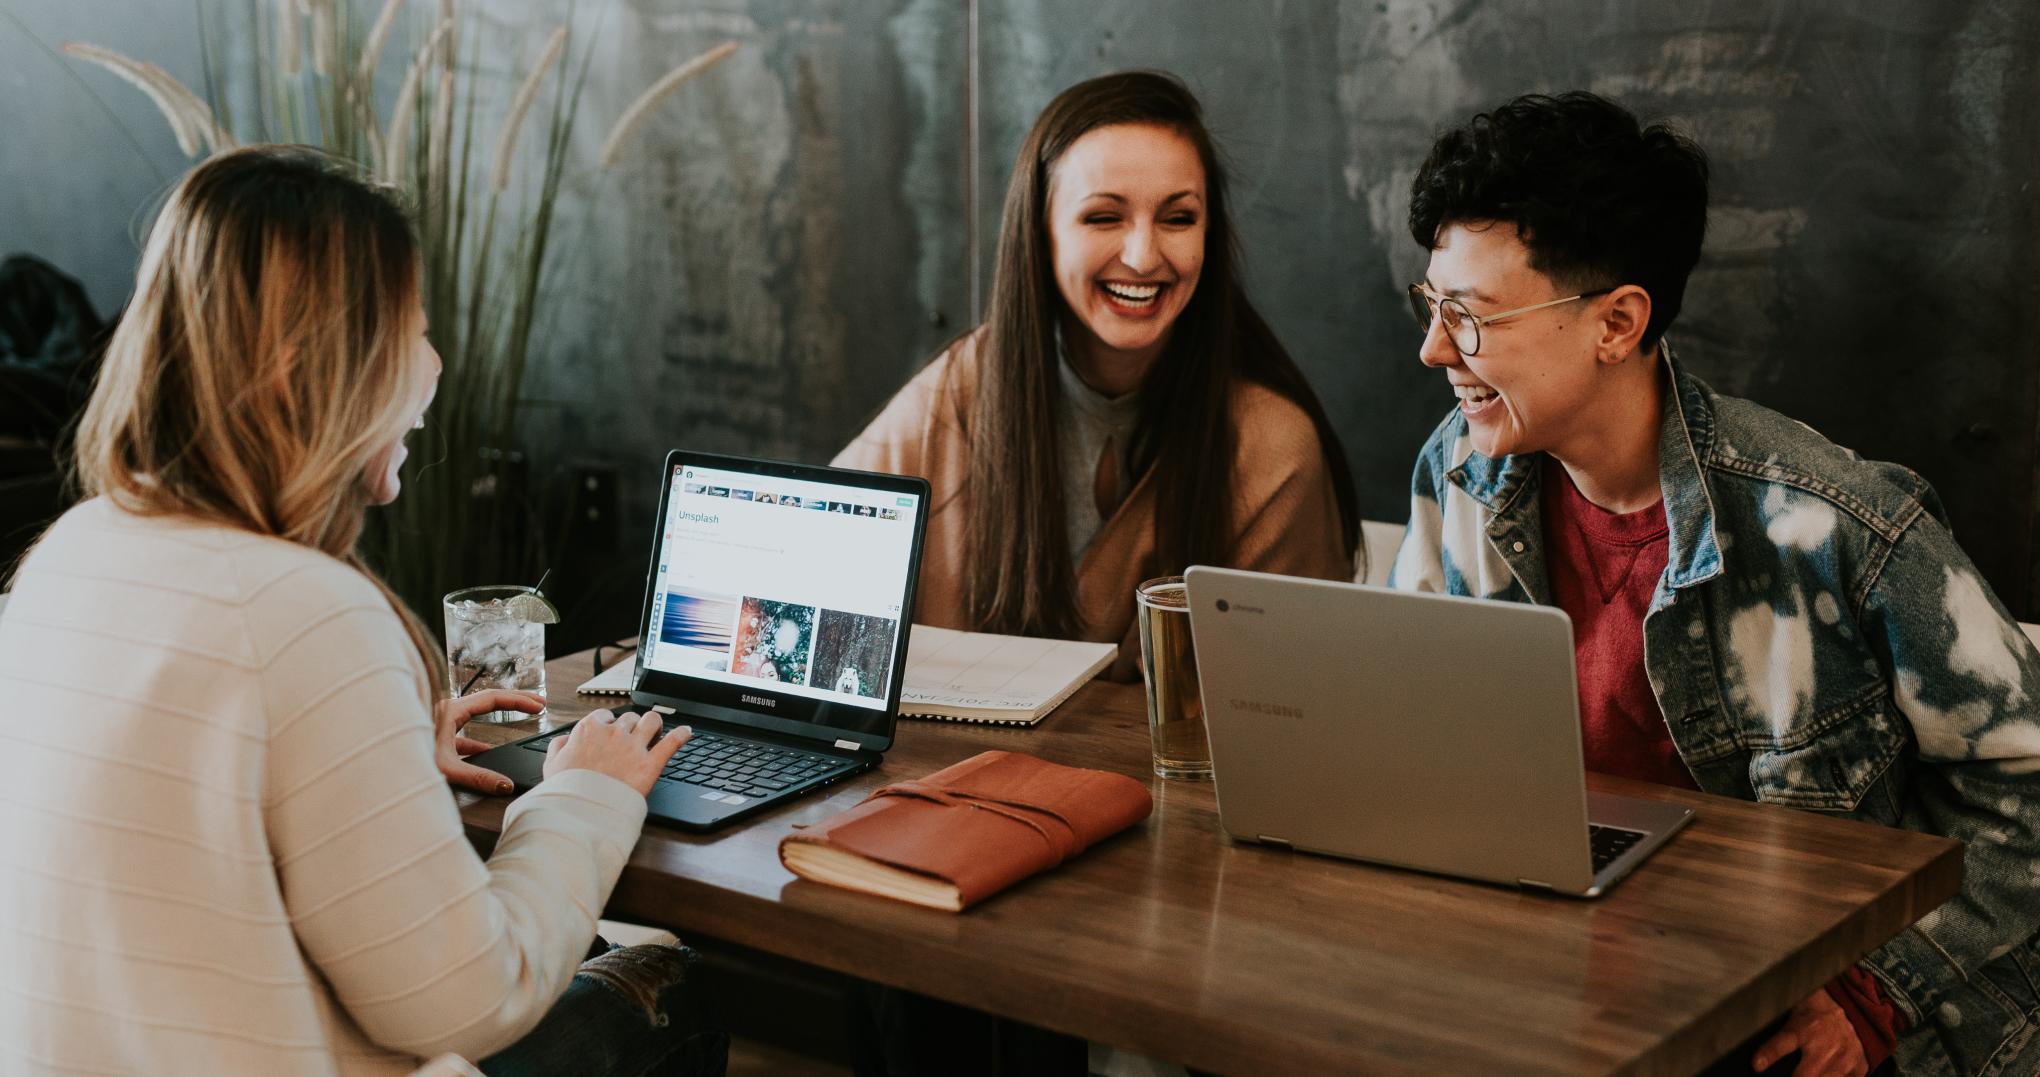 Comment améliorer votre expérience collaborateur grâce à un outil de management de la performance et des talents ?